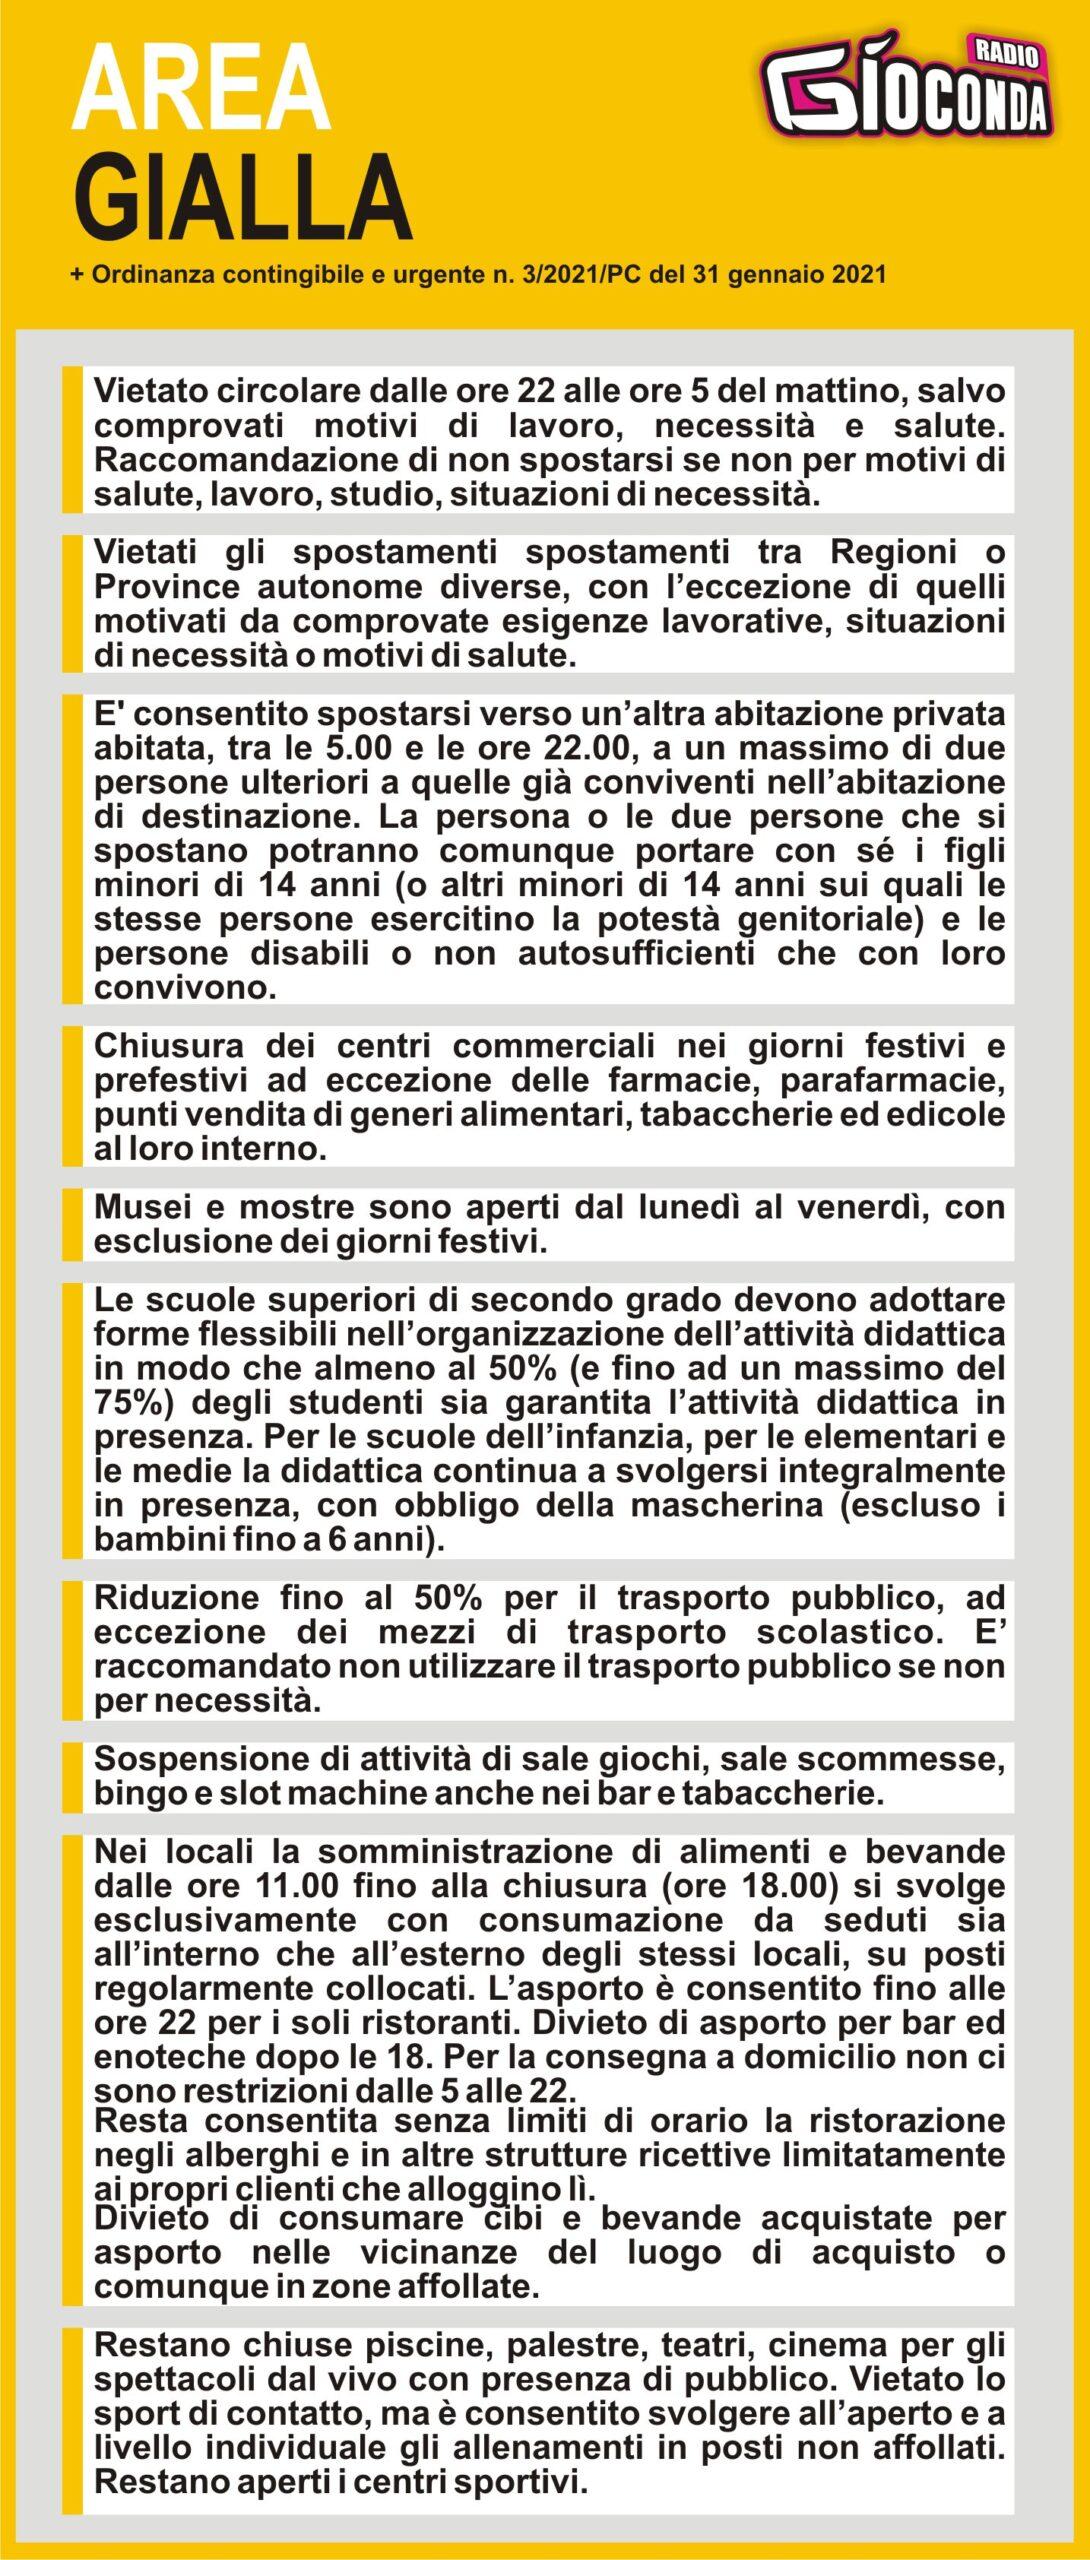 Il Friuli Venezia Giulia è AREA GIALLA + ordinanza del 31 gennaio